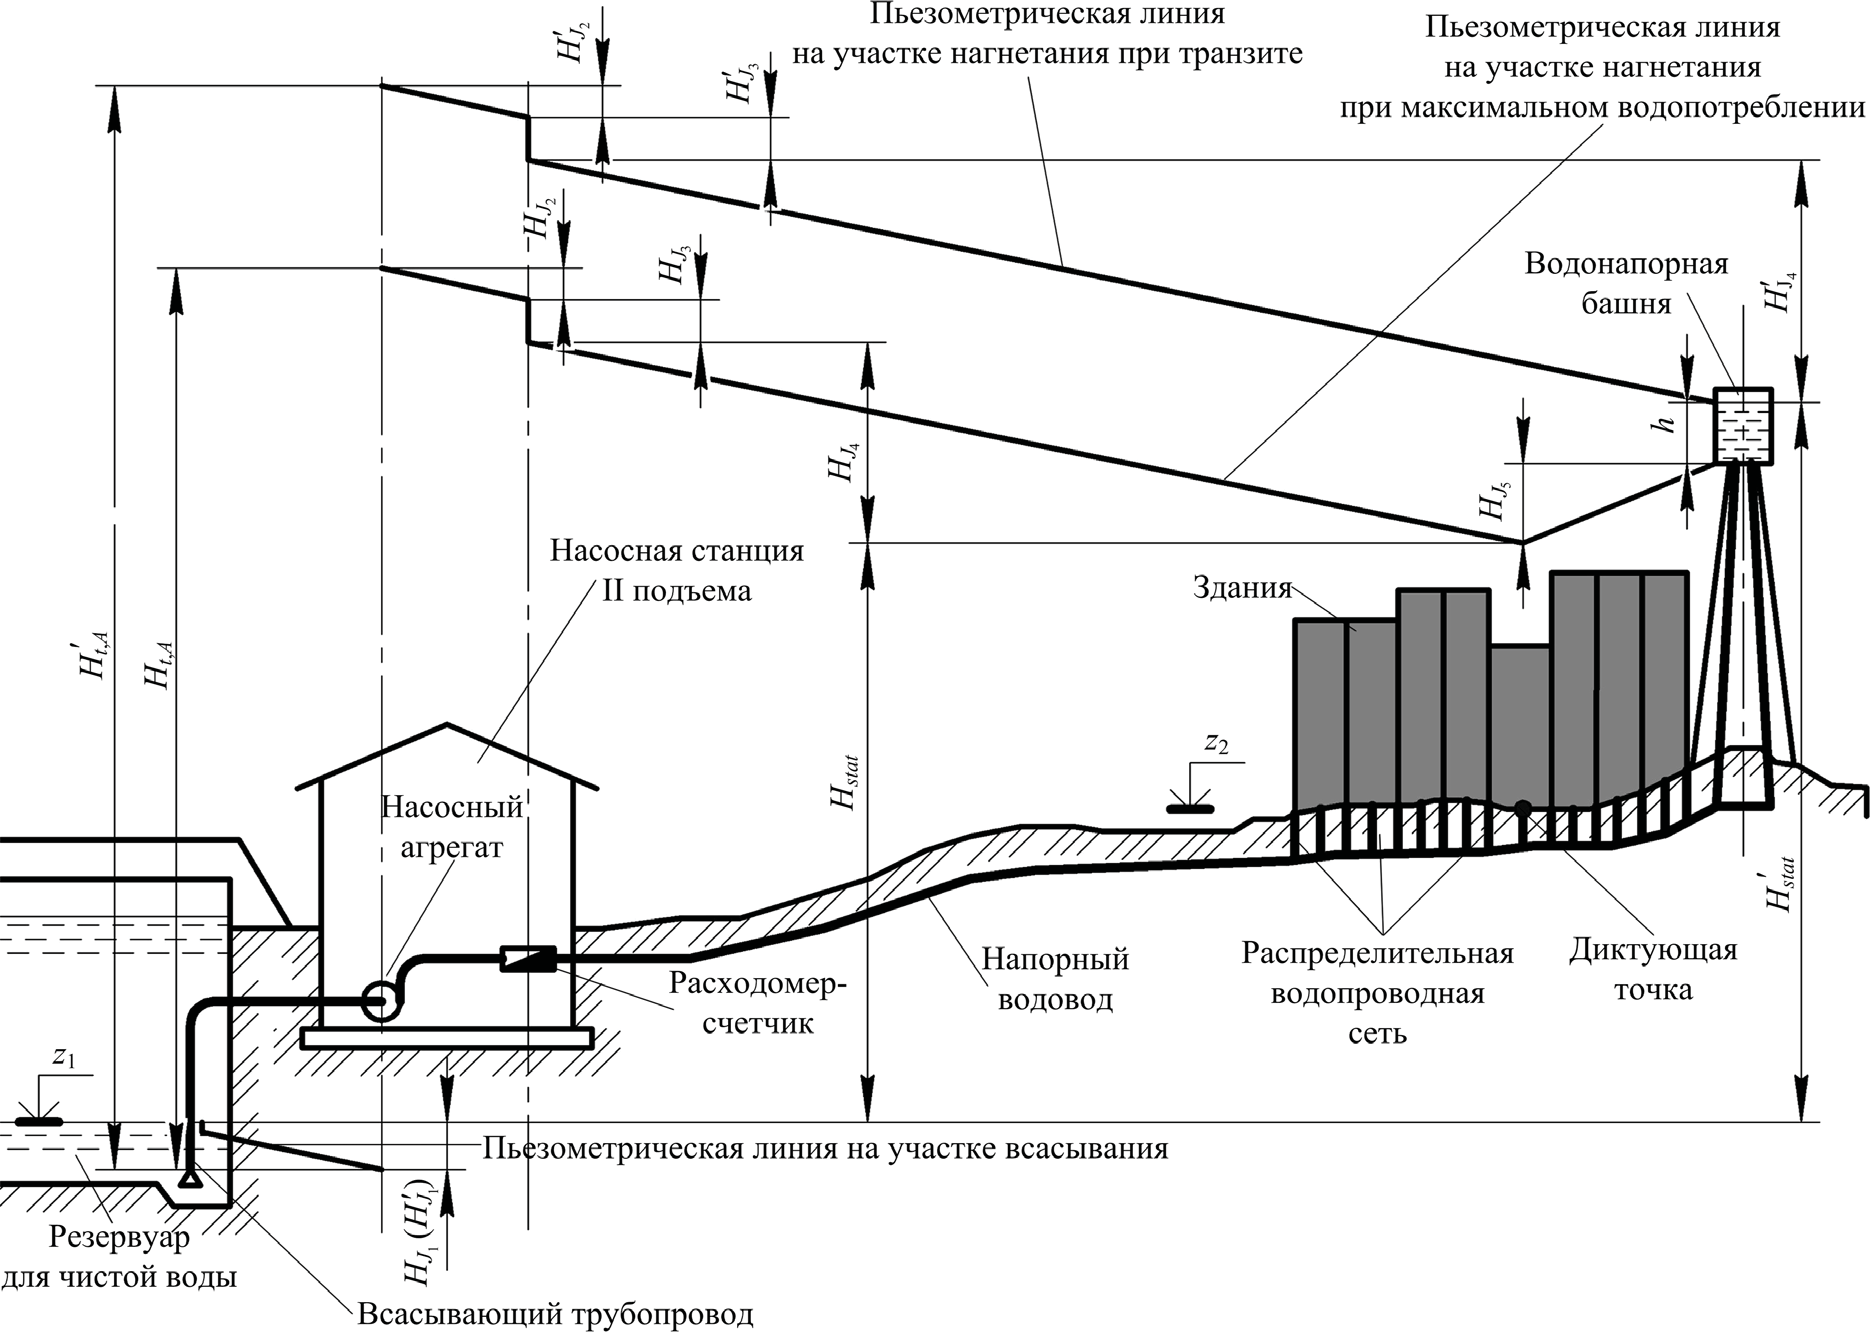 Высотная схема для определения полного напора насосной станции II подъема